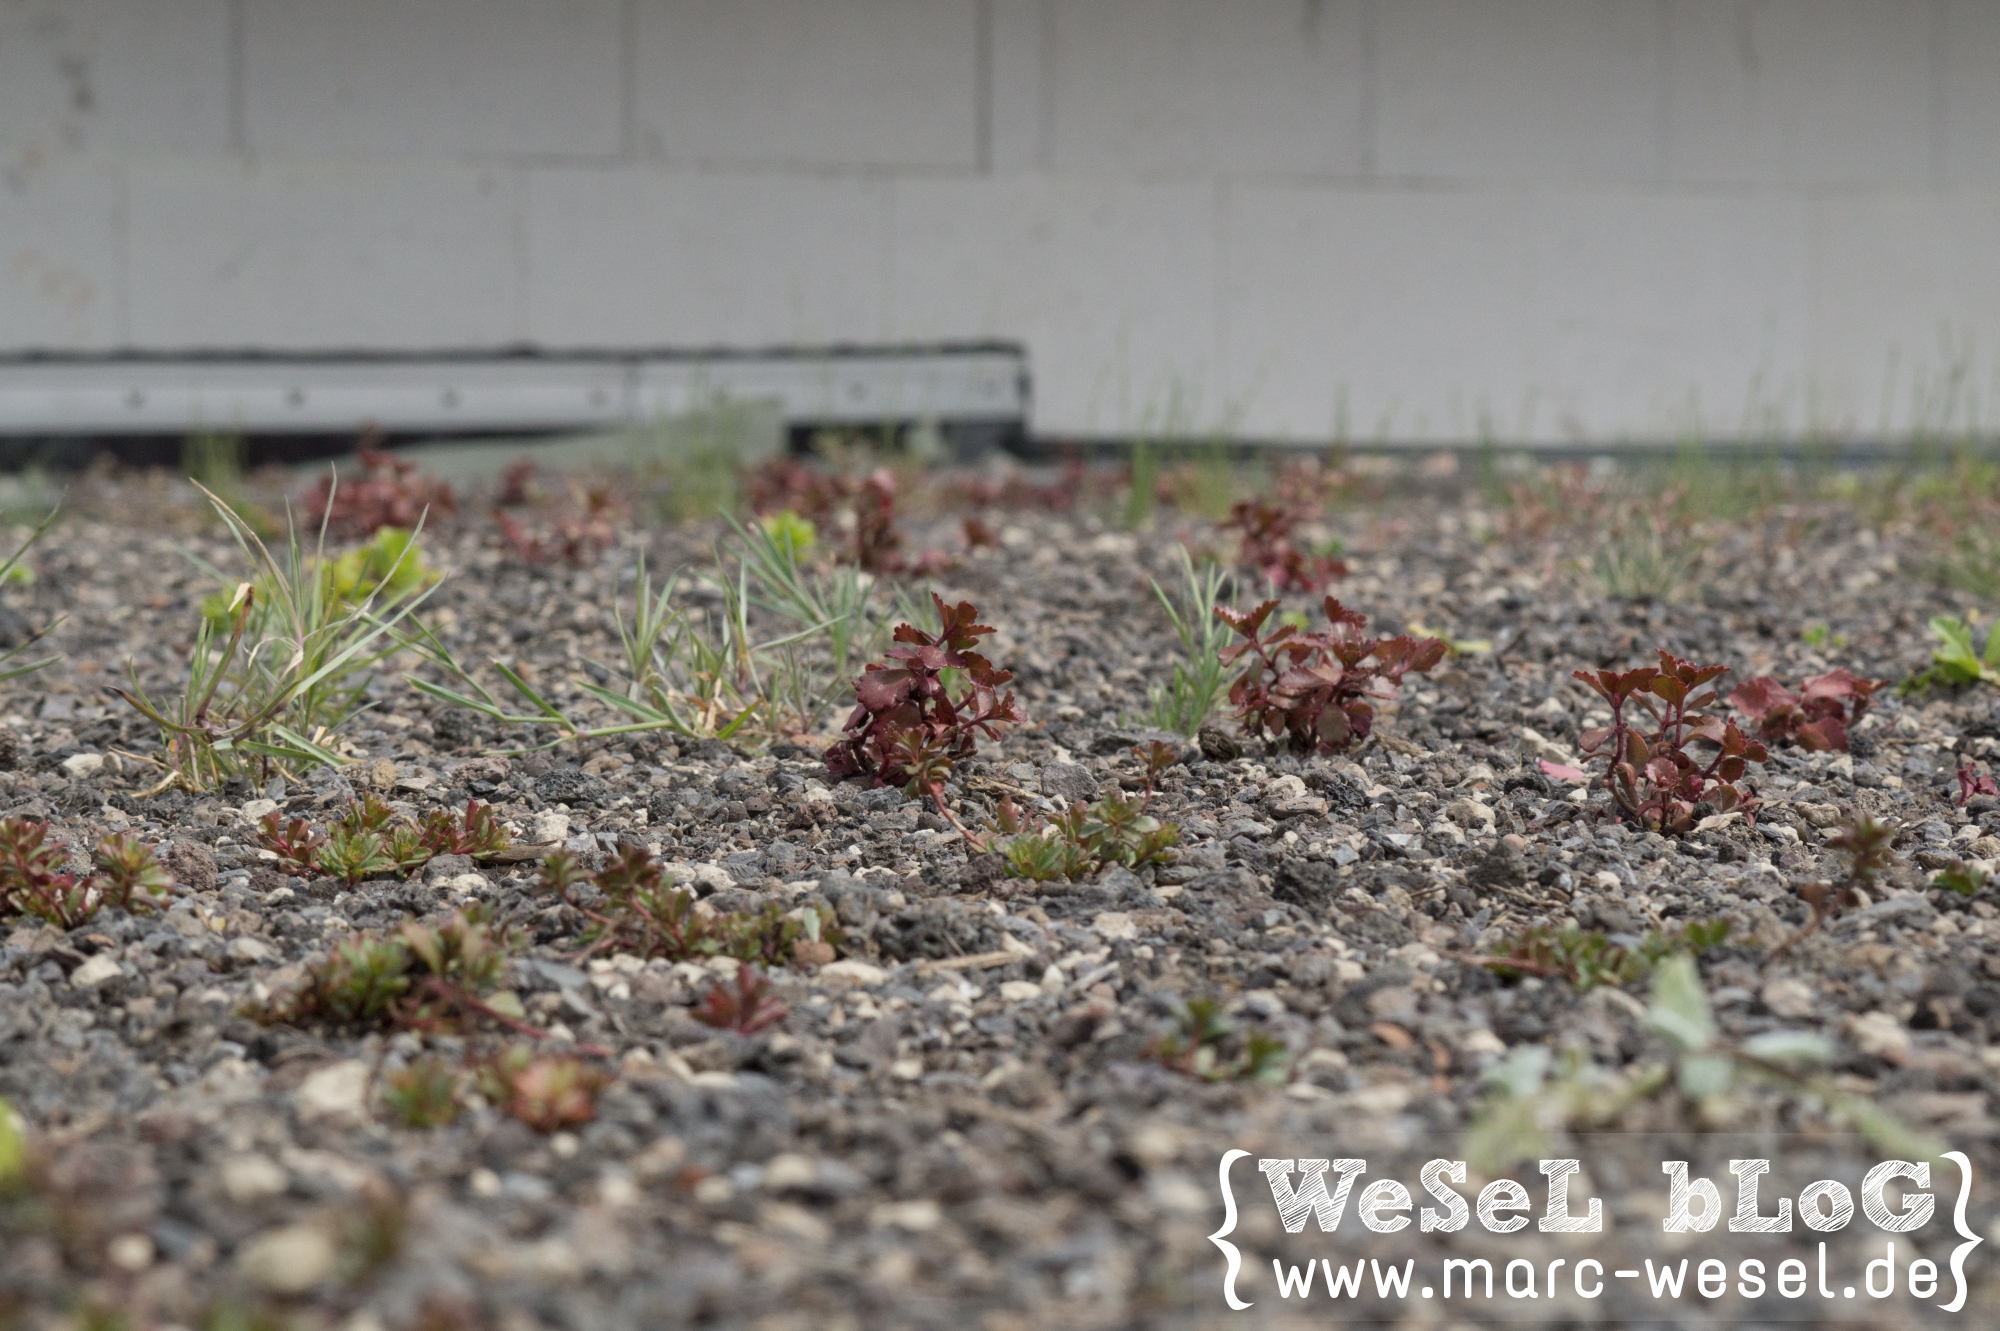 Dachbegrünung / Gründach (Pakete von Bauder) – DIY